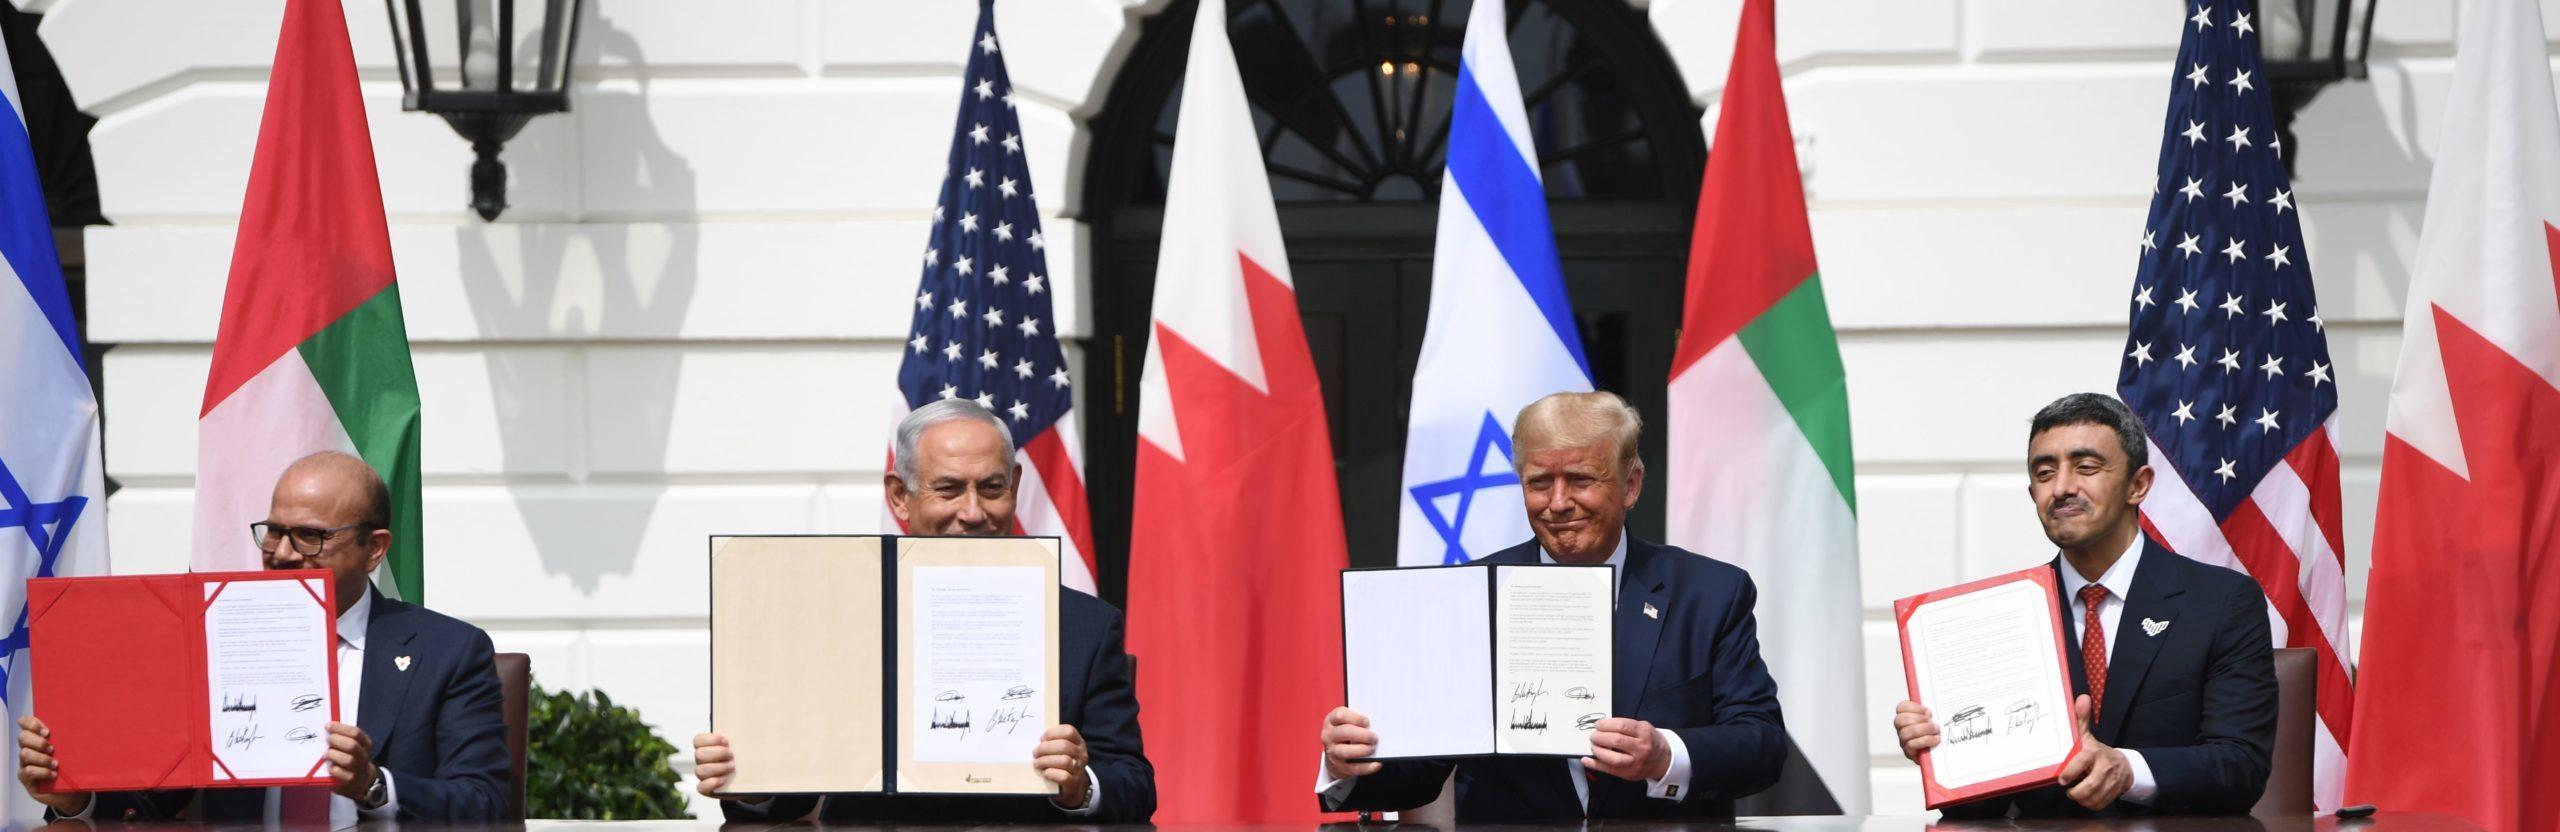 Après Trump, quel avenir pour les accords de « paix » au Moyen-Orient?